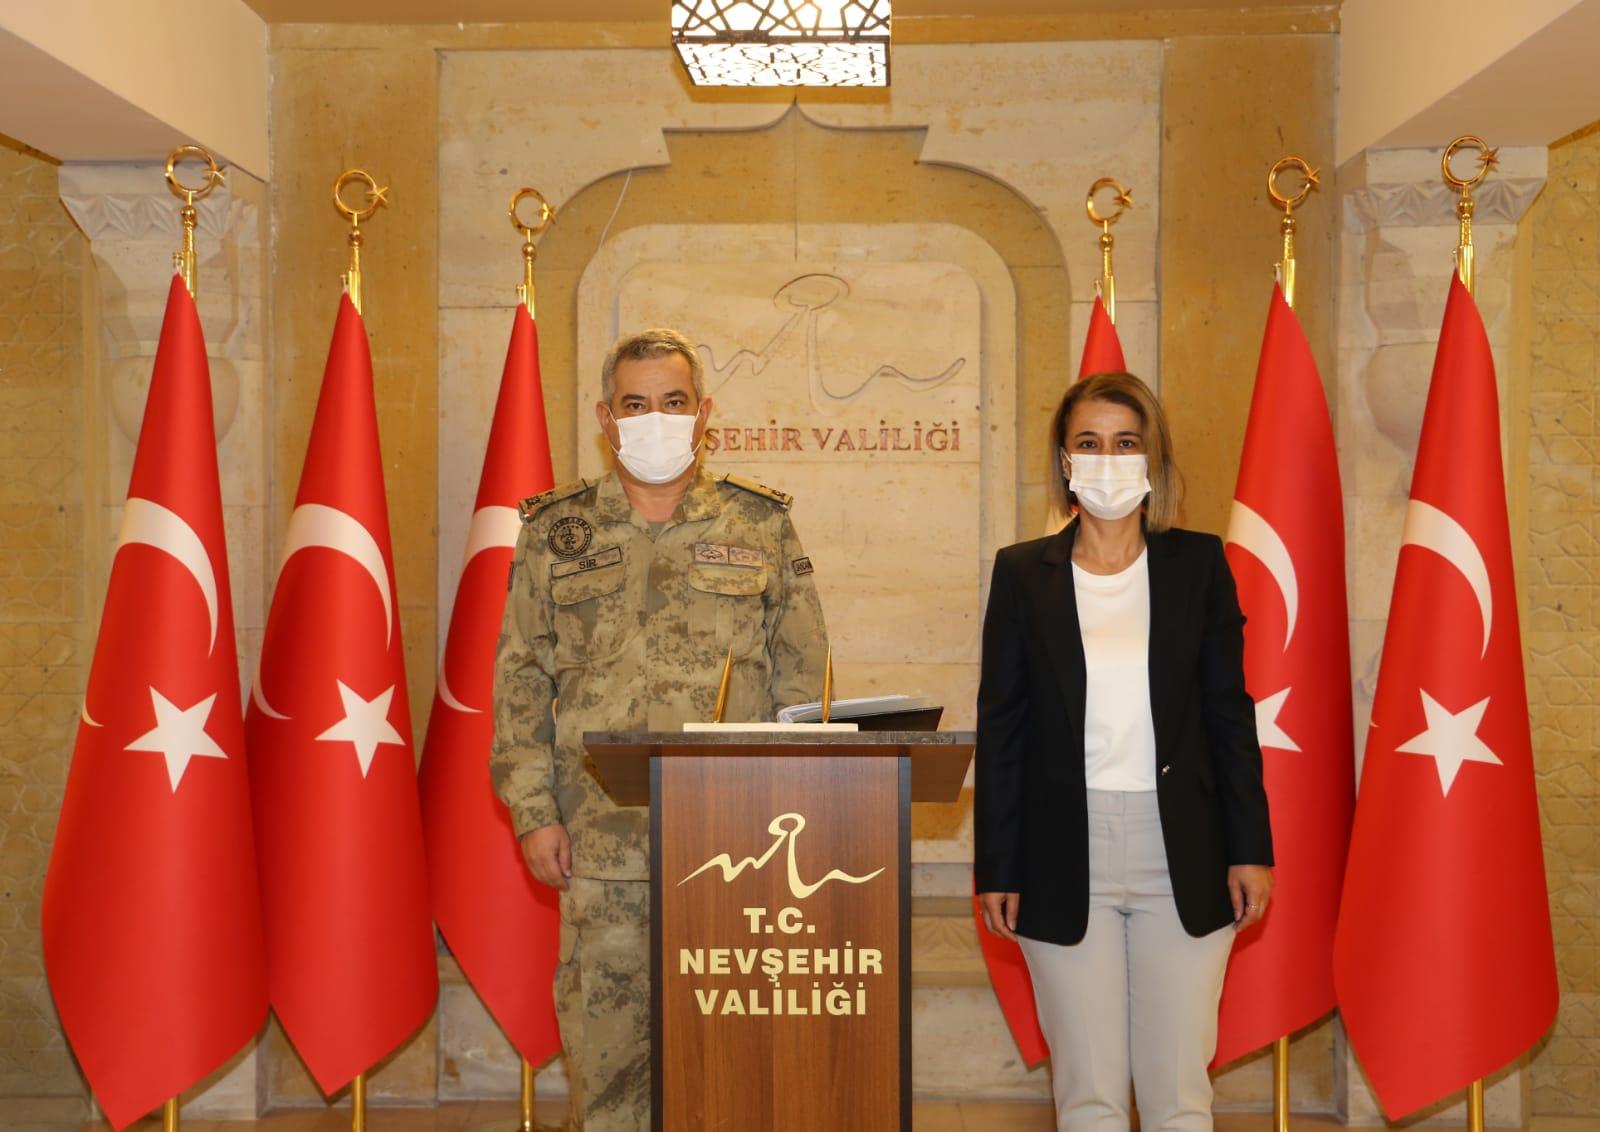 Denetleme Değerlendirme Heyeti Başkanı Tuğgeneral Sır'dan Valilik ziyareti